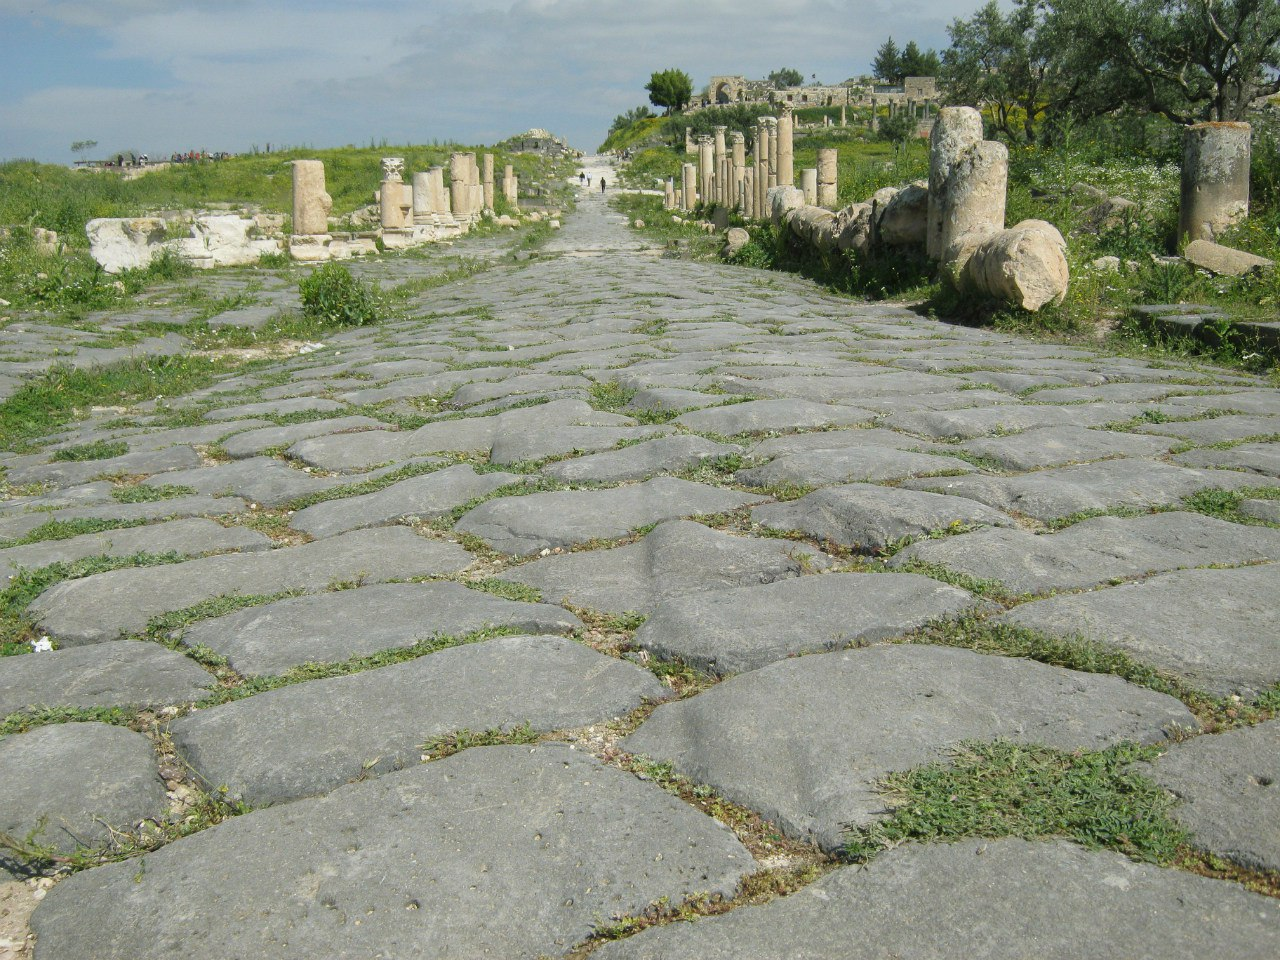 впечатавшиеся колеи от древних повозок